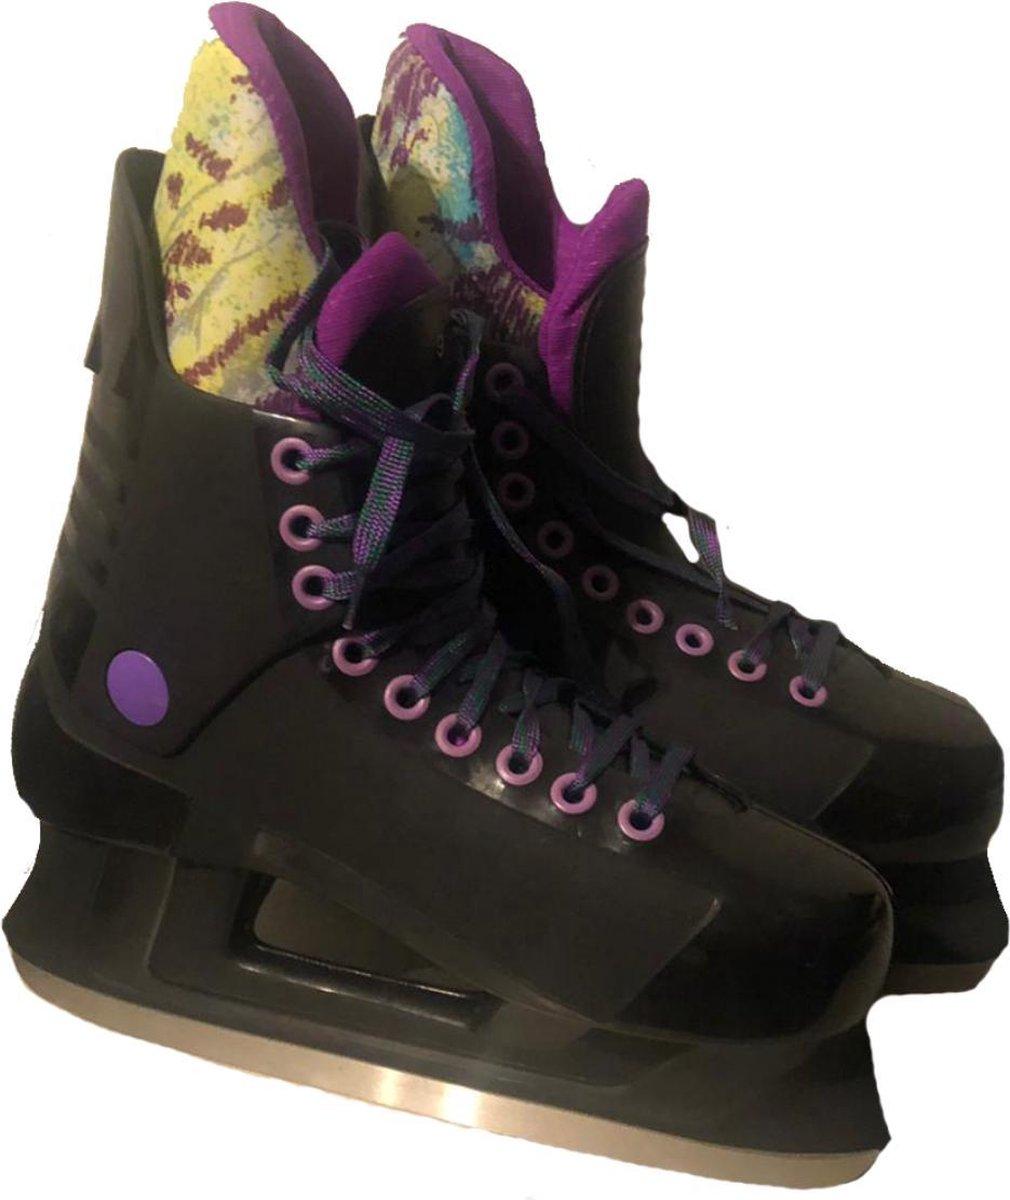 ACRO - IJshockeyschaats Polyester - Schaatsen - ijs schaats - Deluxe - ijshockey schaatsen - Unisex - Maat 41